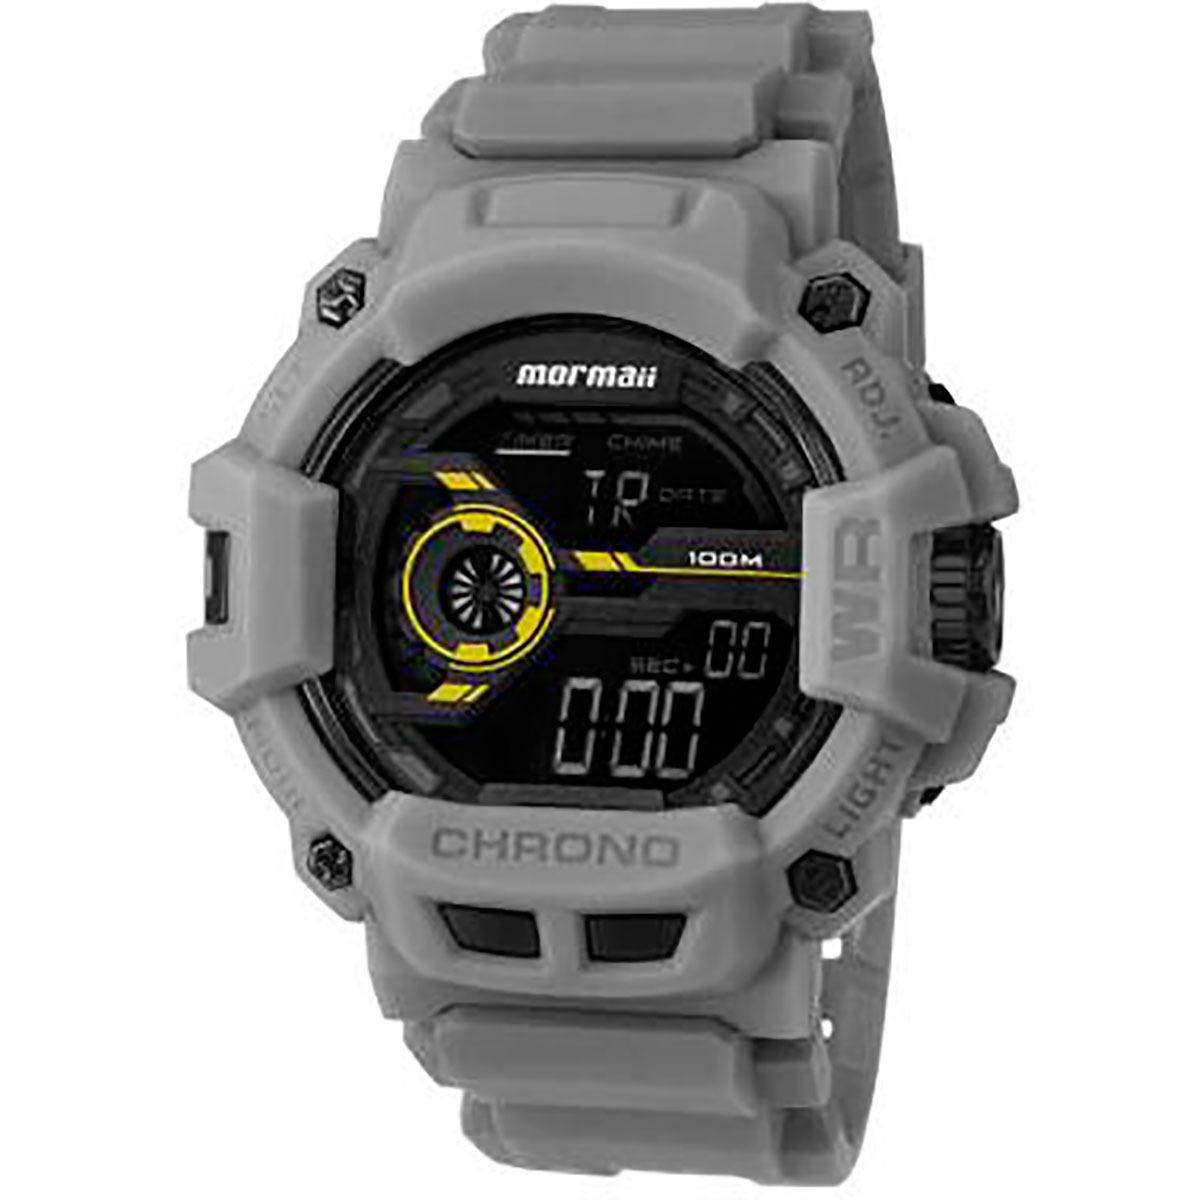 9c06ababd4df6 relógio mormaii acqua pro adventure masculino mo1105ab 8y. Carregando zoom.